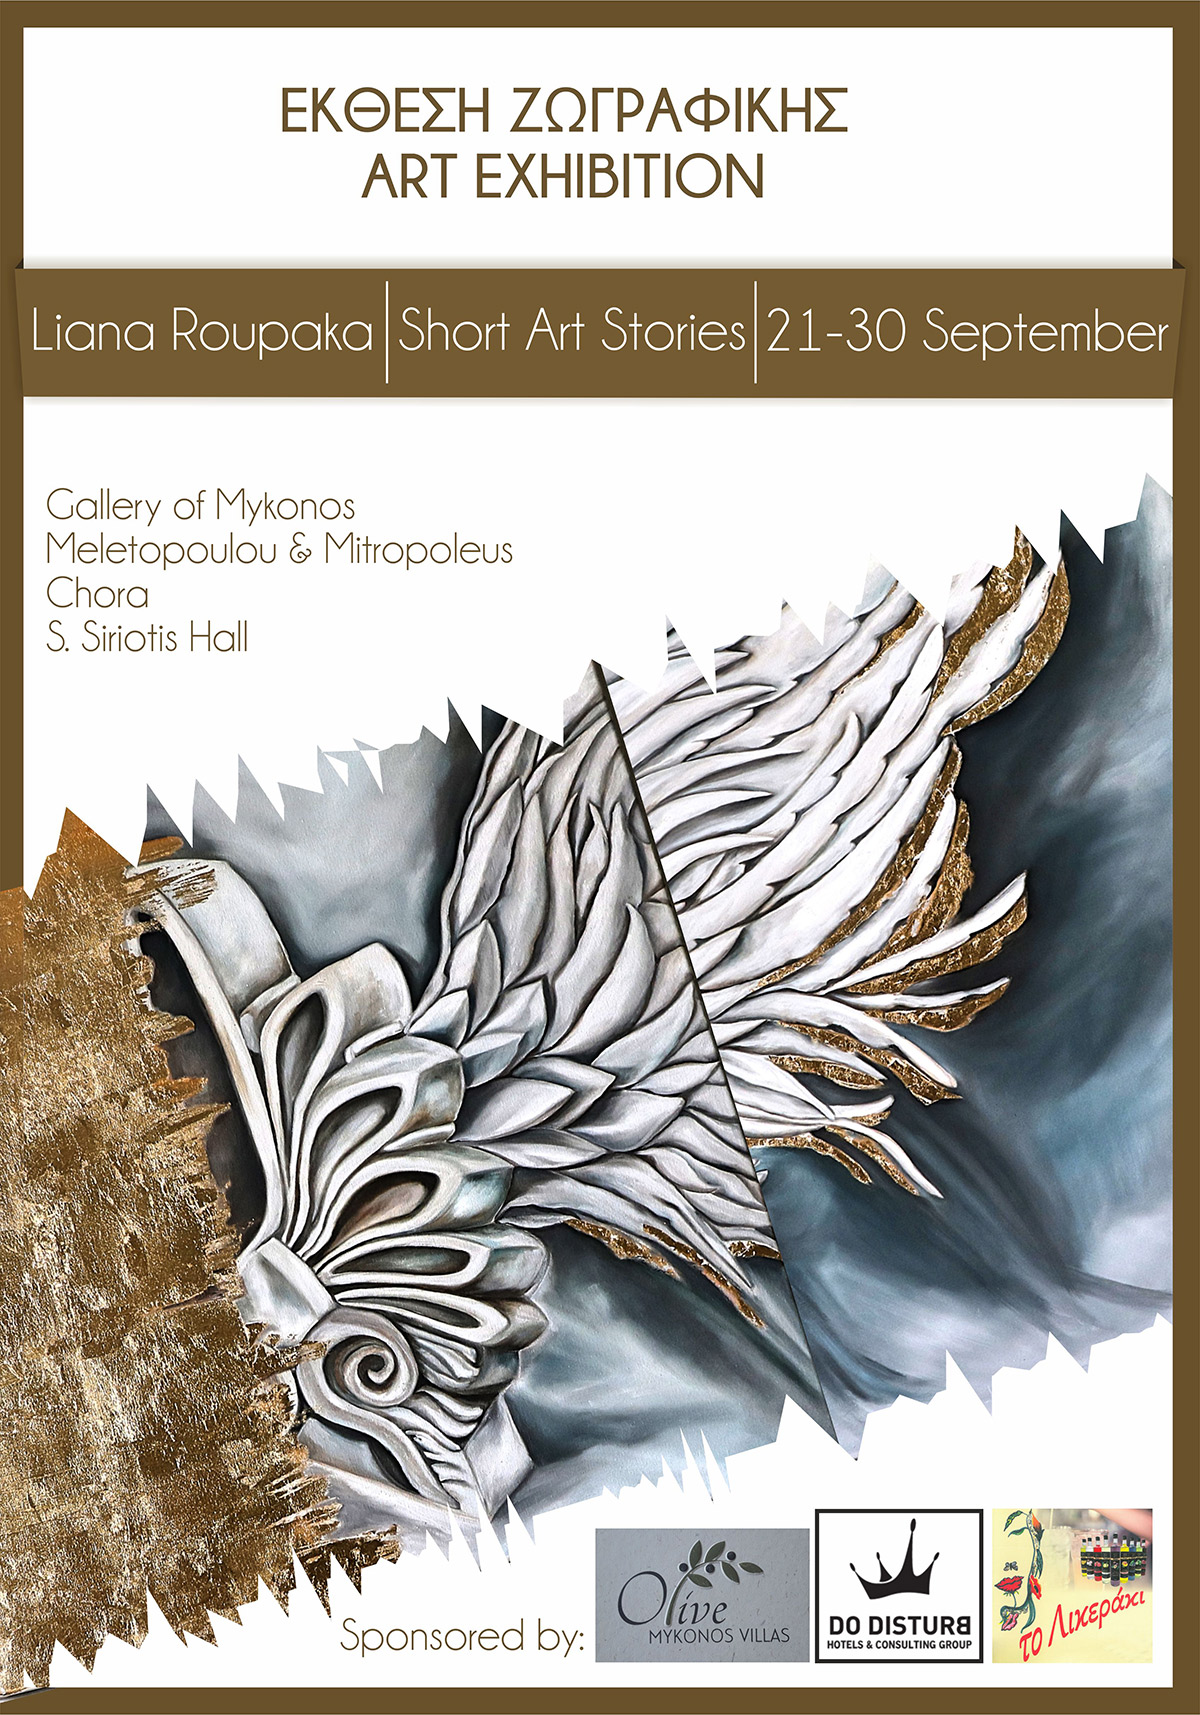 Εκτυπώσεις - Φωτοτυπίες - Γραφιστικά | Copyshop2.gr - Πετρούπολη | Έκθεση Ζωγραφική - Liana Roupaka, Short Art Stories